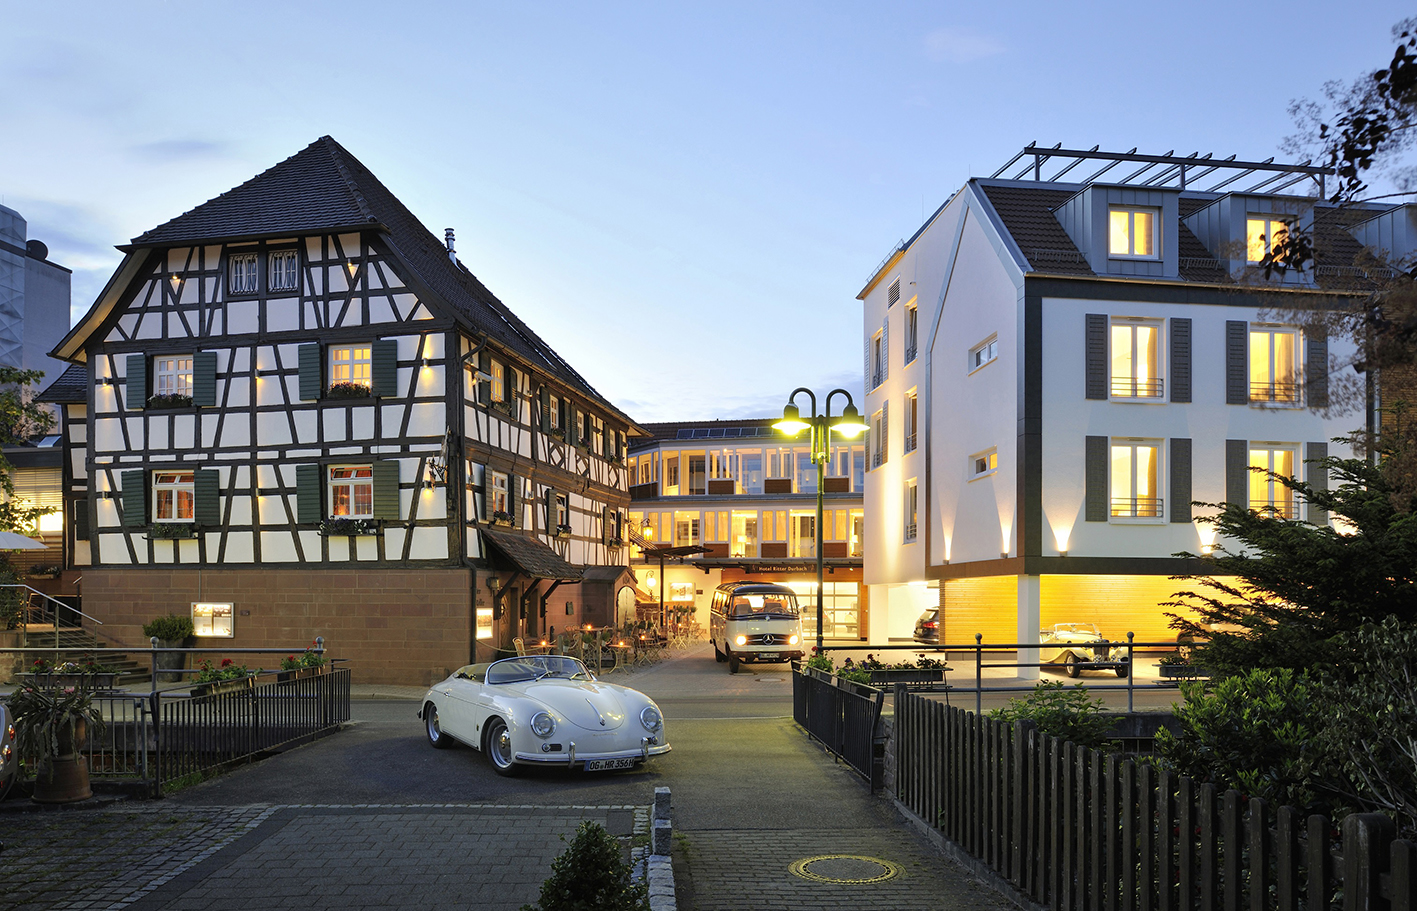 Das Foto ist ausschließlich für PR- und Marketingmaßnahmen des Hotels RITTER - D-77770 Durbach zu verwenden. Jegliche Nutzung Dritter muss mit dem Bildautor Günter Standl (www.guenterstandl.de) - (Tel.: 00491714327116) gesondert vereinbart werden.